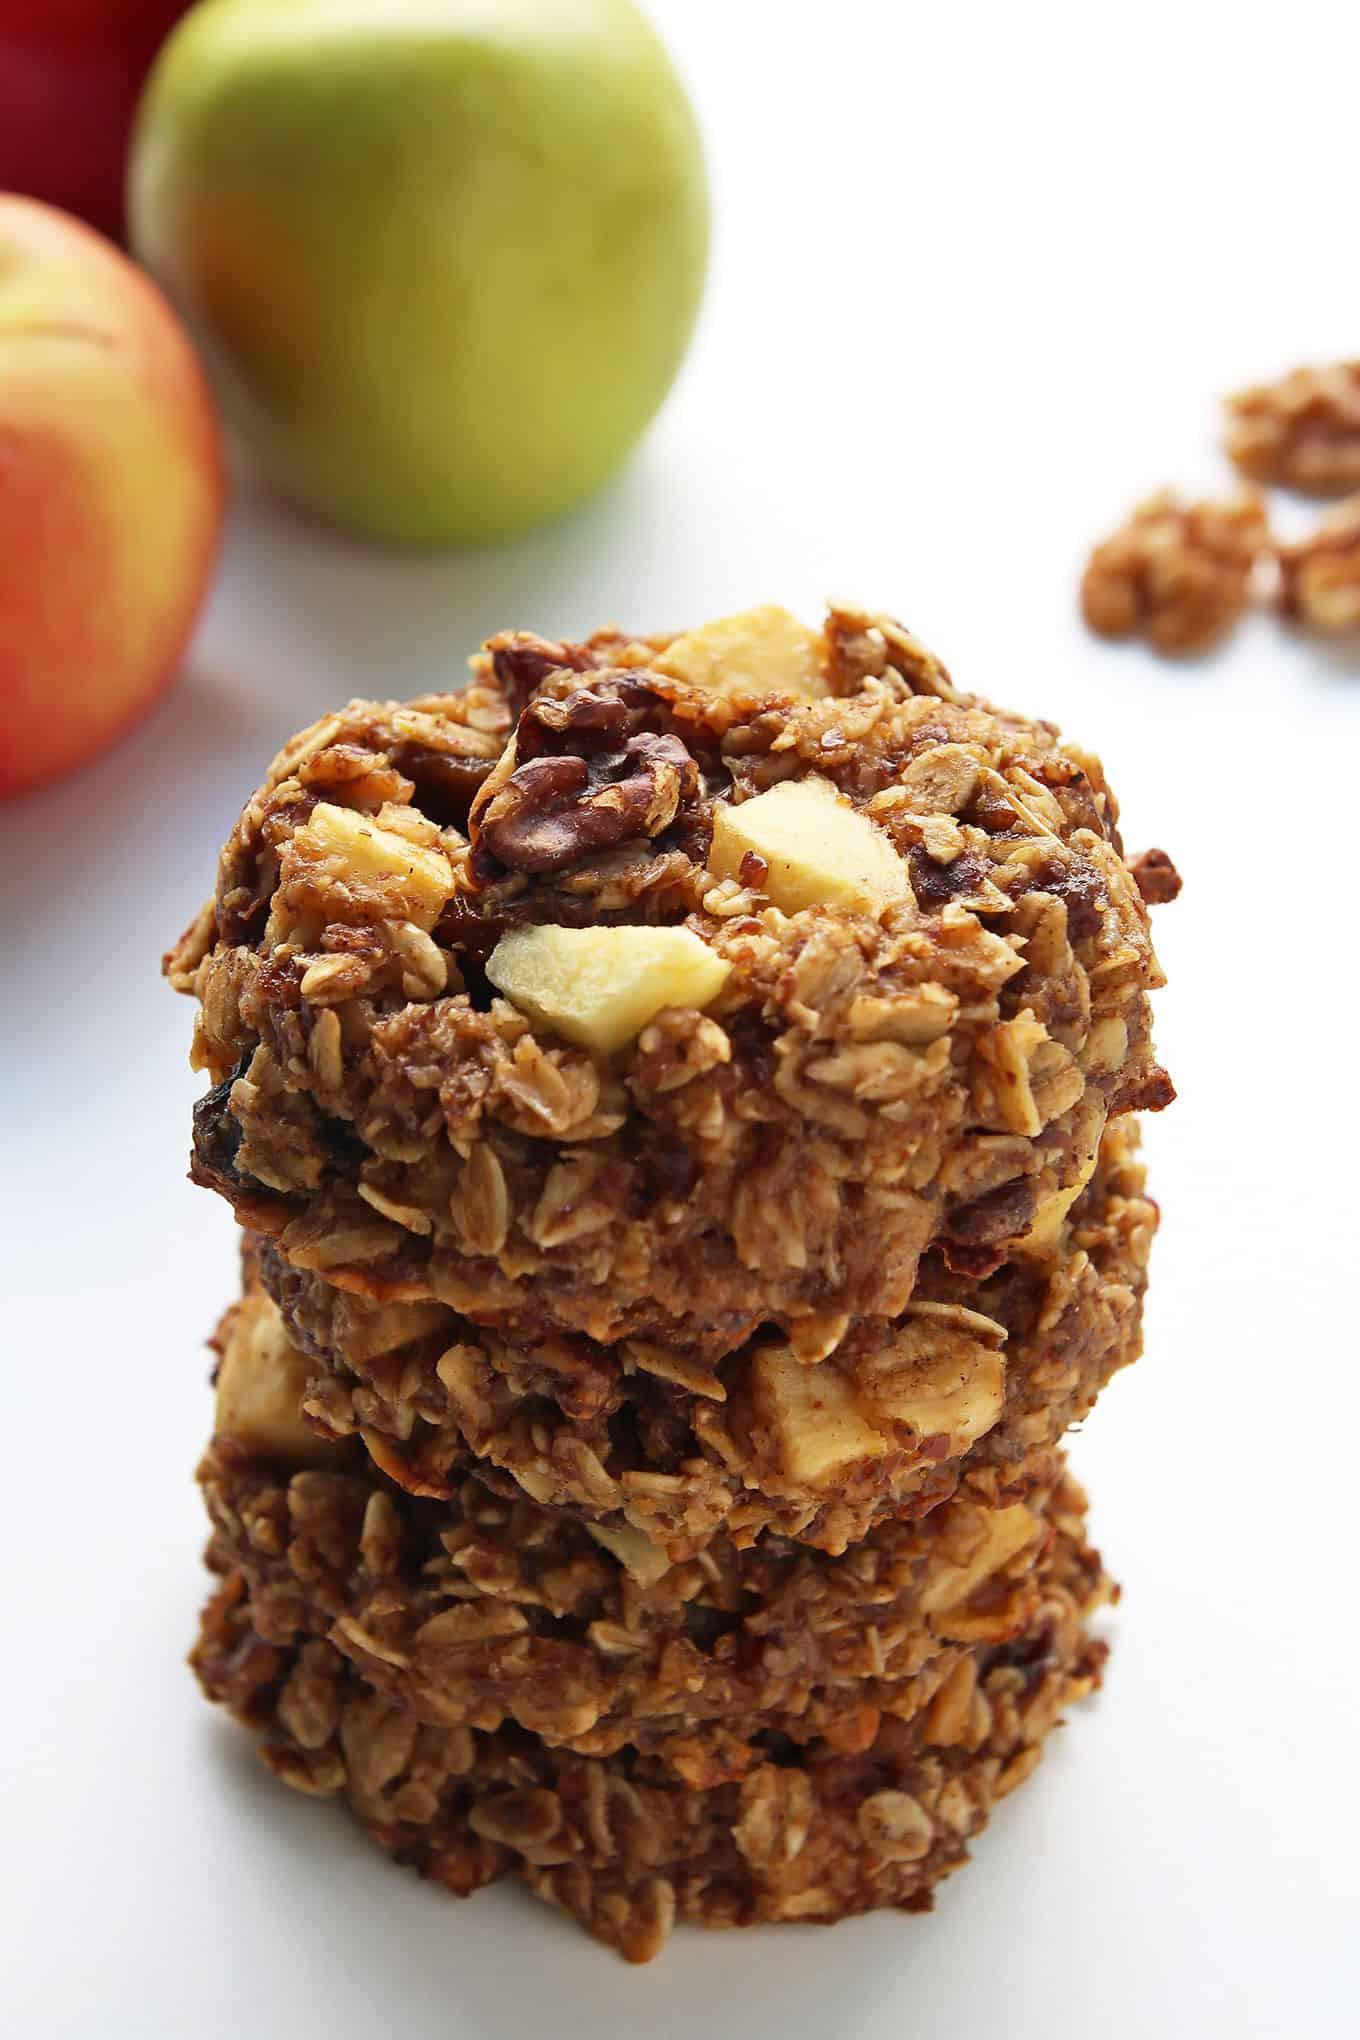 Breakfast Cookie Recipe Healthy  Healthy Apple Pie Breakfast Cookies Leelalicious